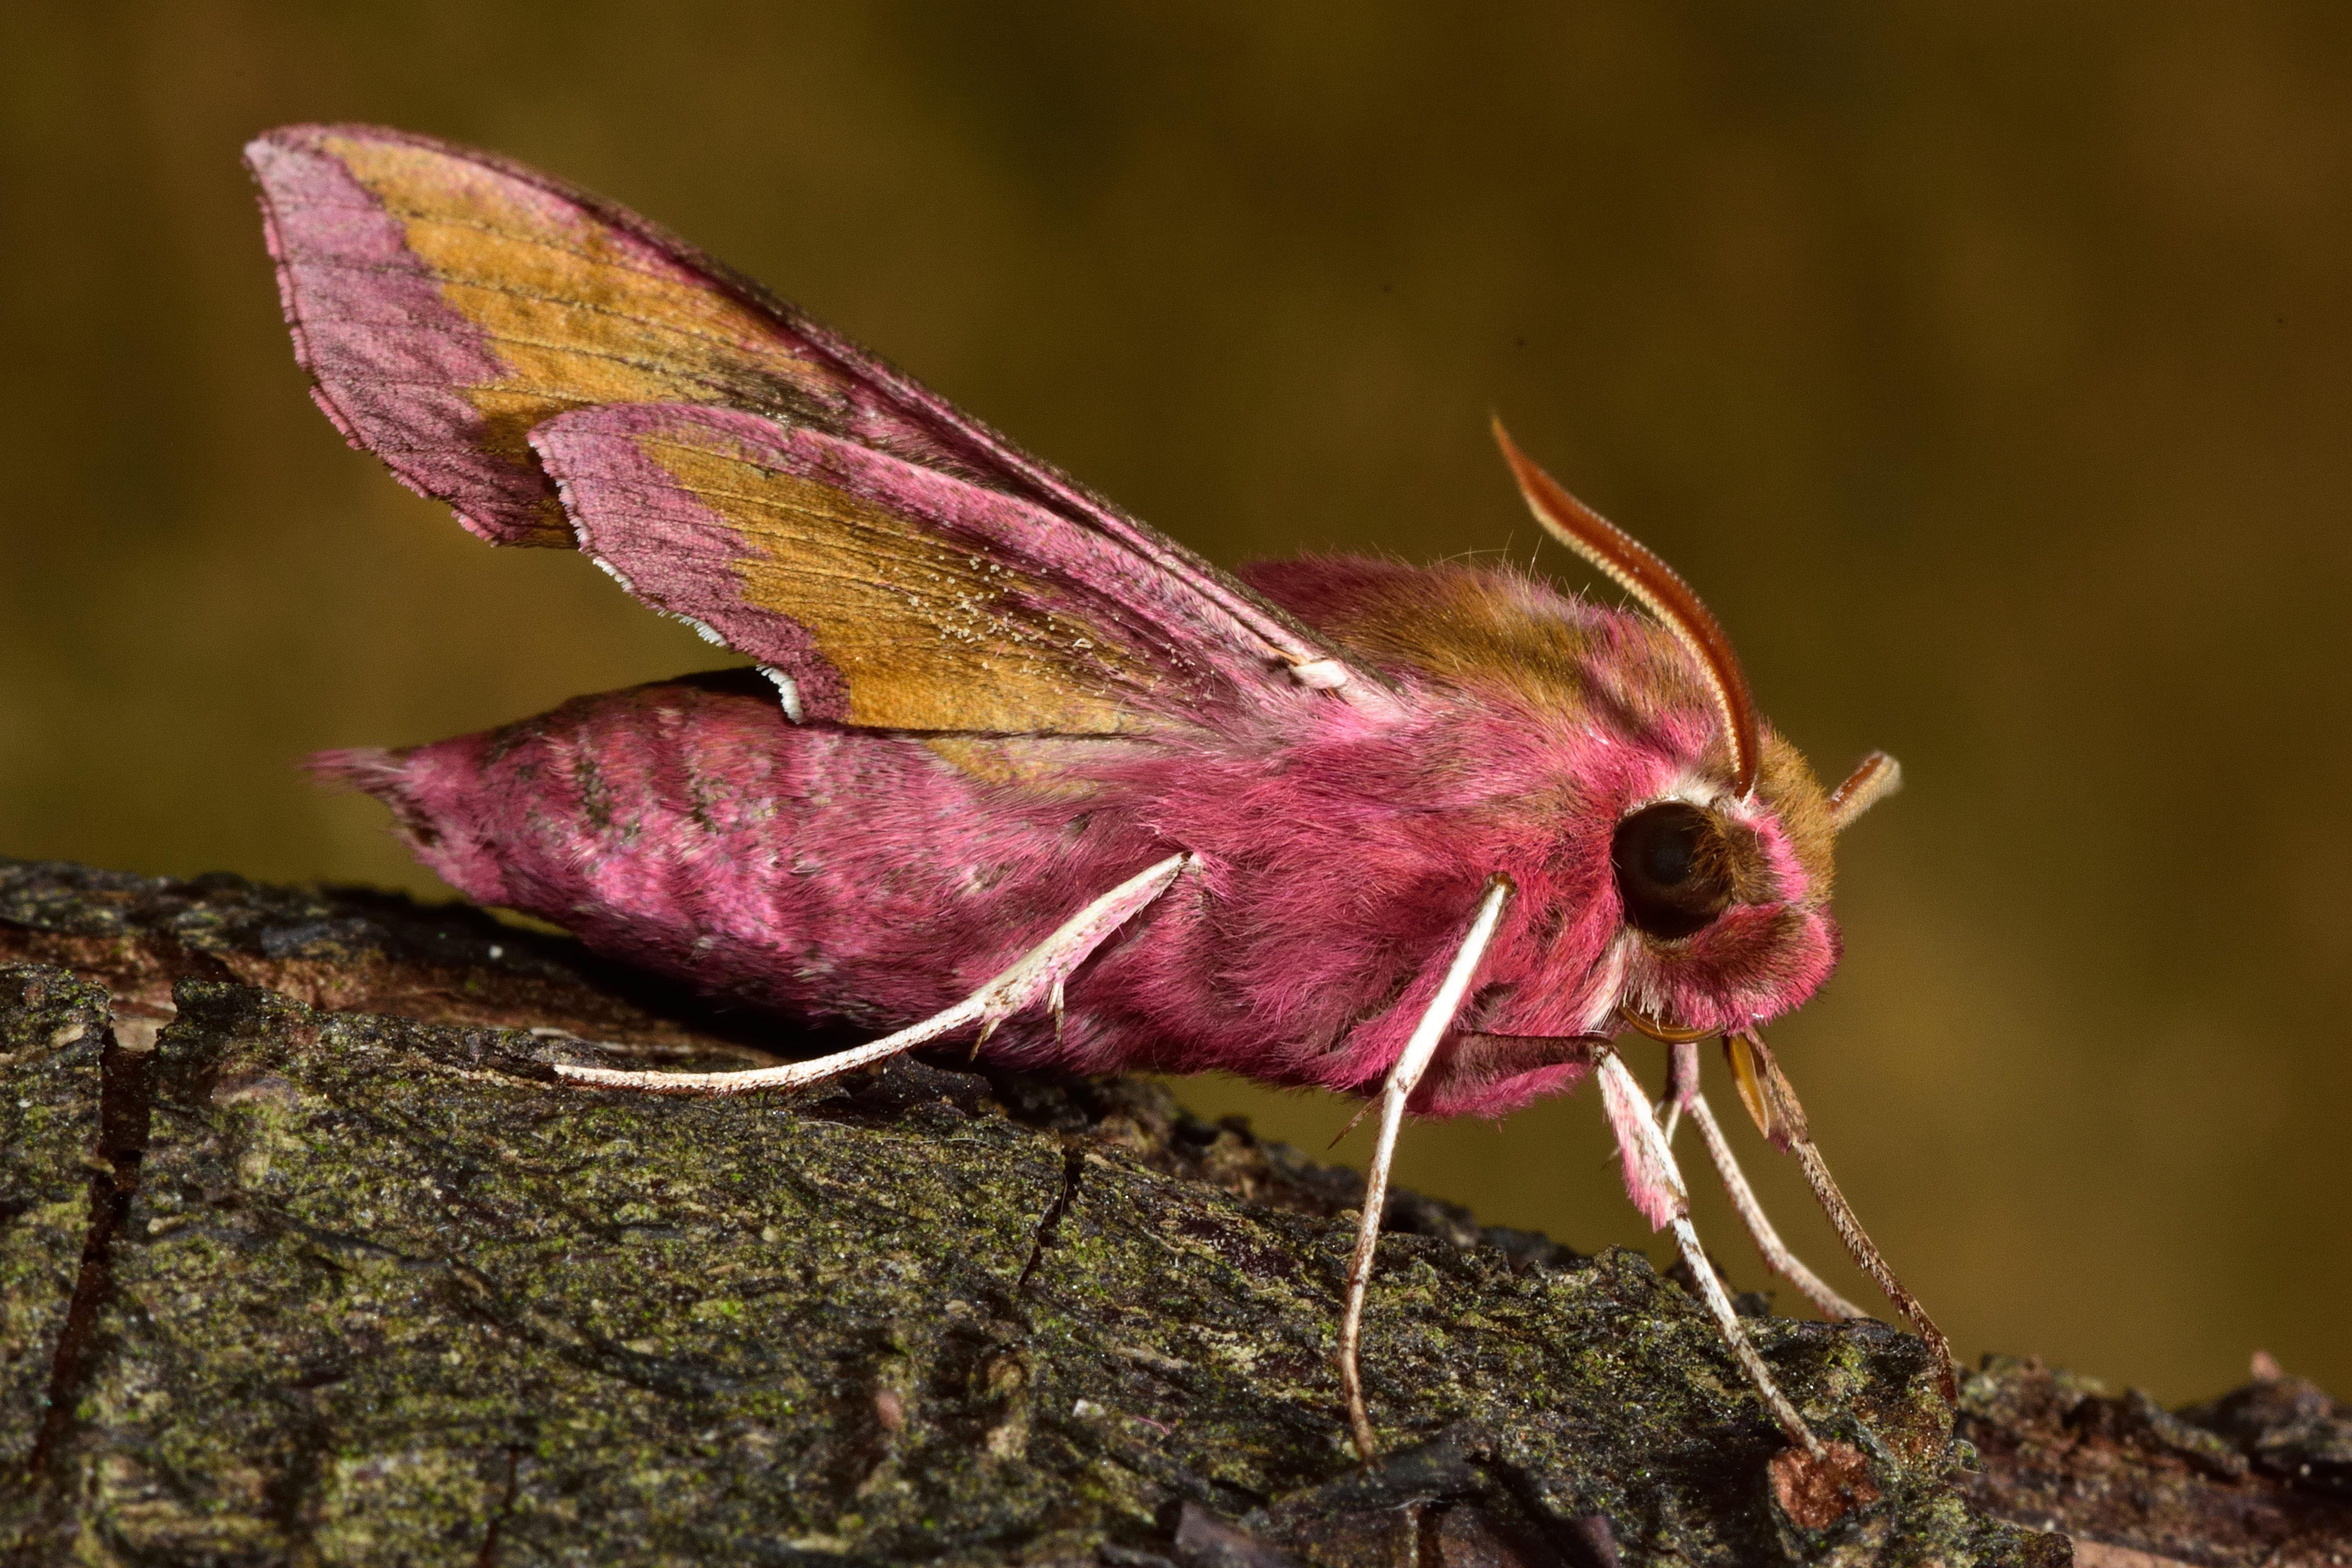 Small elephant hawk-moth (Deilephila porcellus) in profile